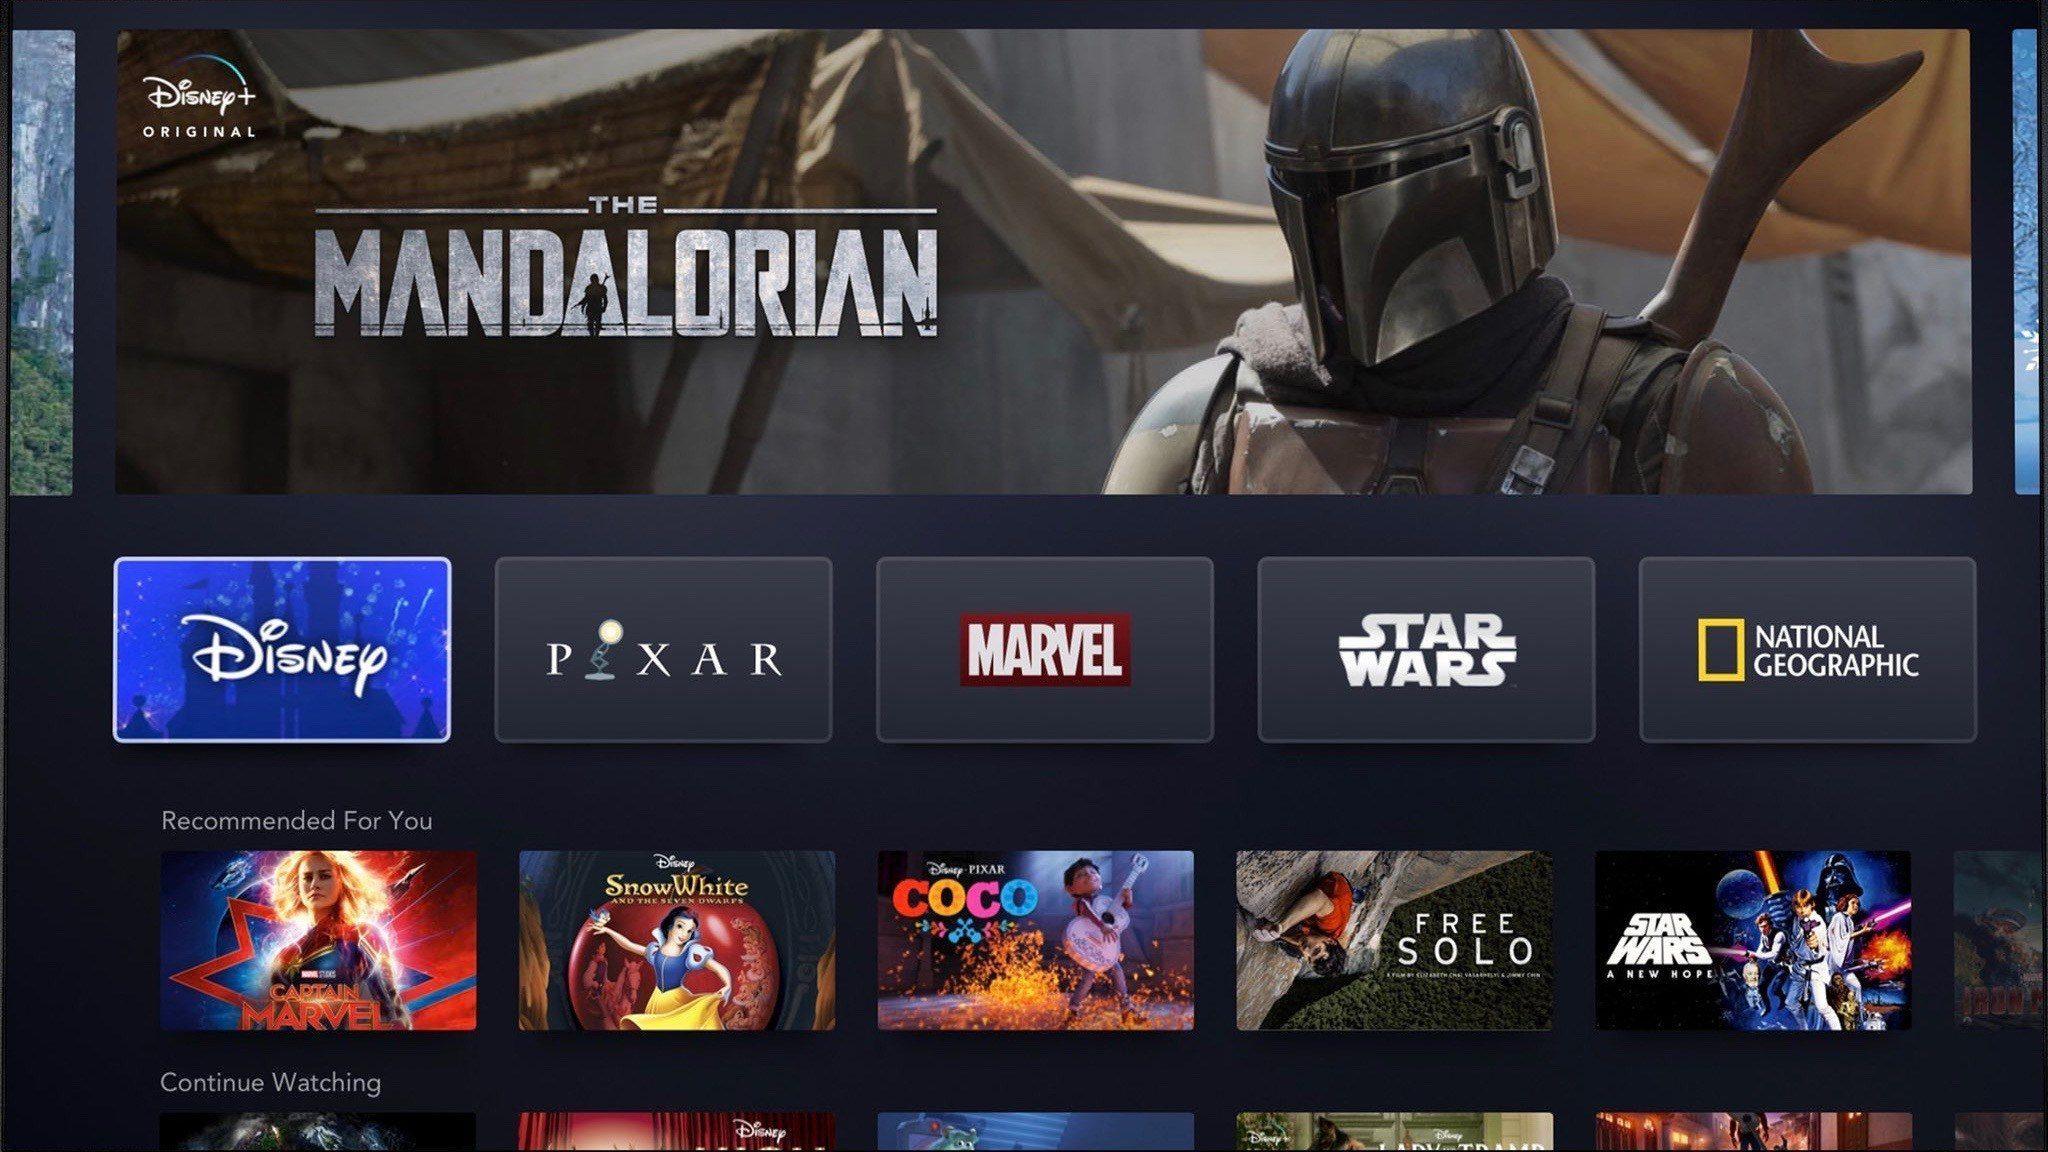 迪士尼+将允许通过应用内购买 iOS 订阅功能,并提供电视应用集成